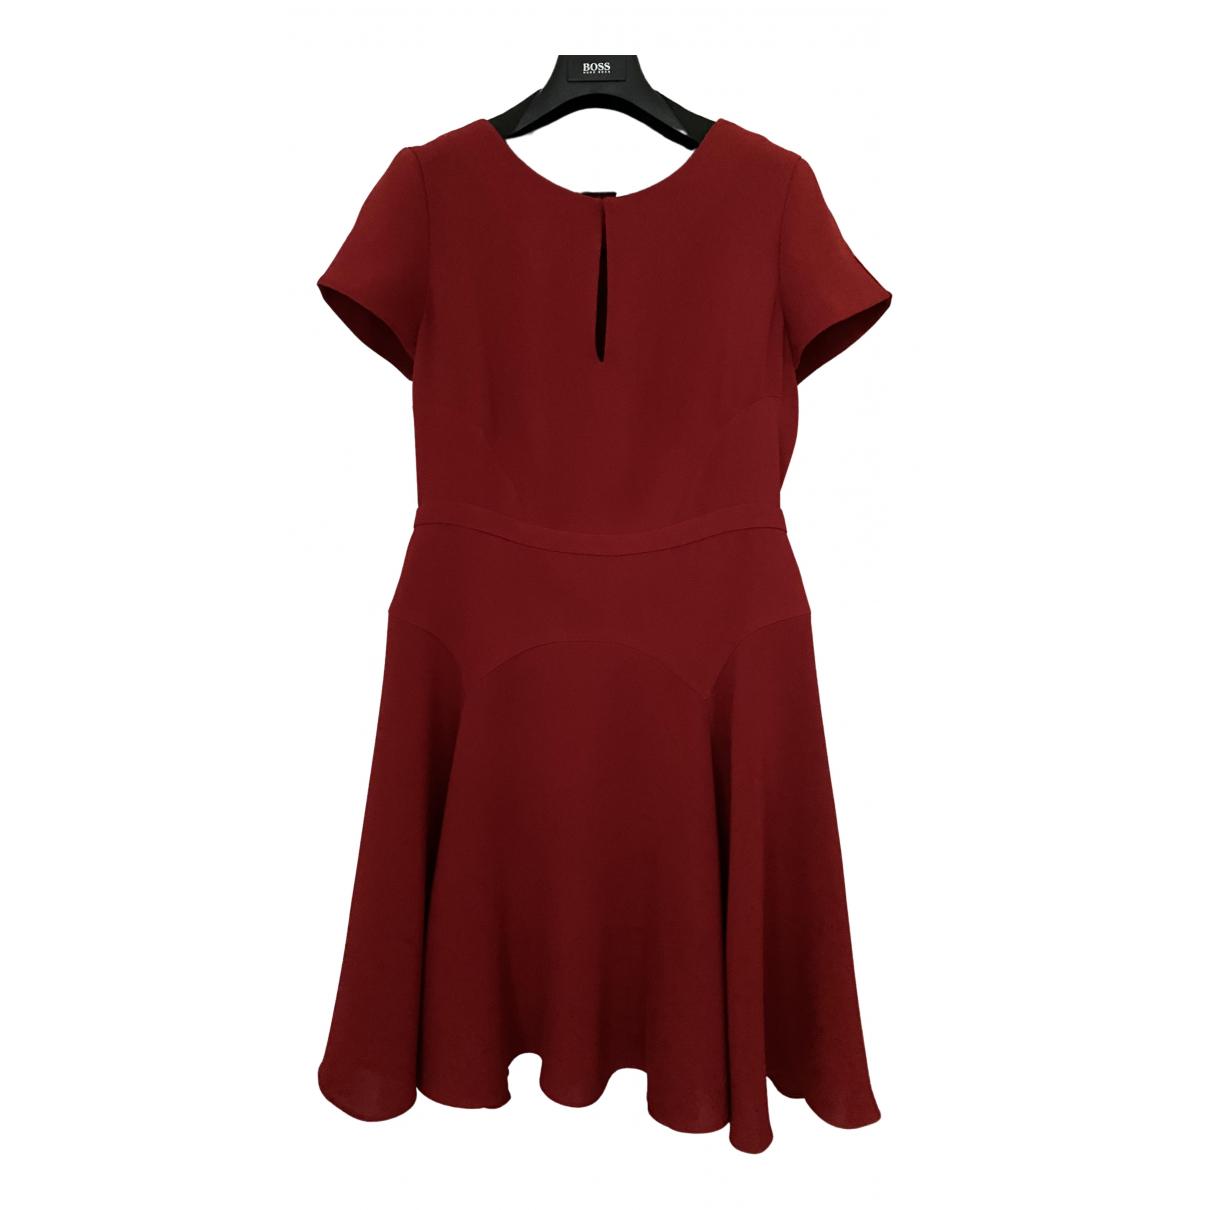 Diane Von Furstenberg \N Red dress for Women 8 US